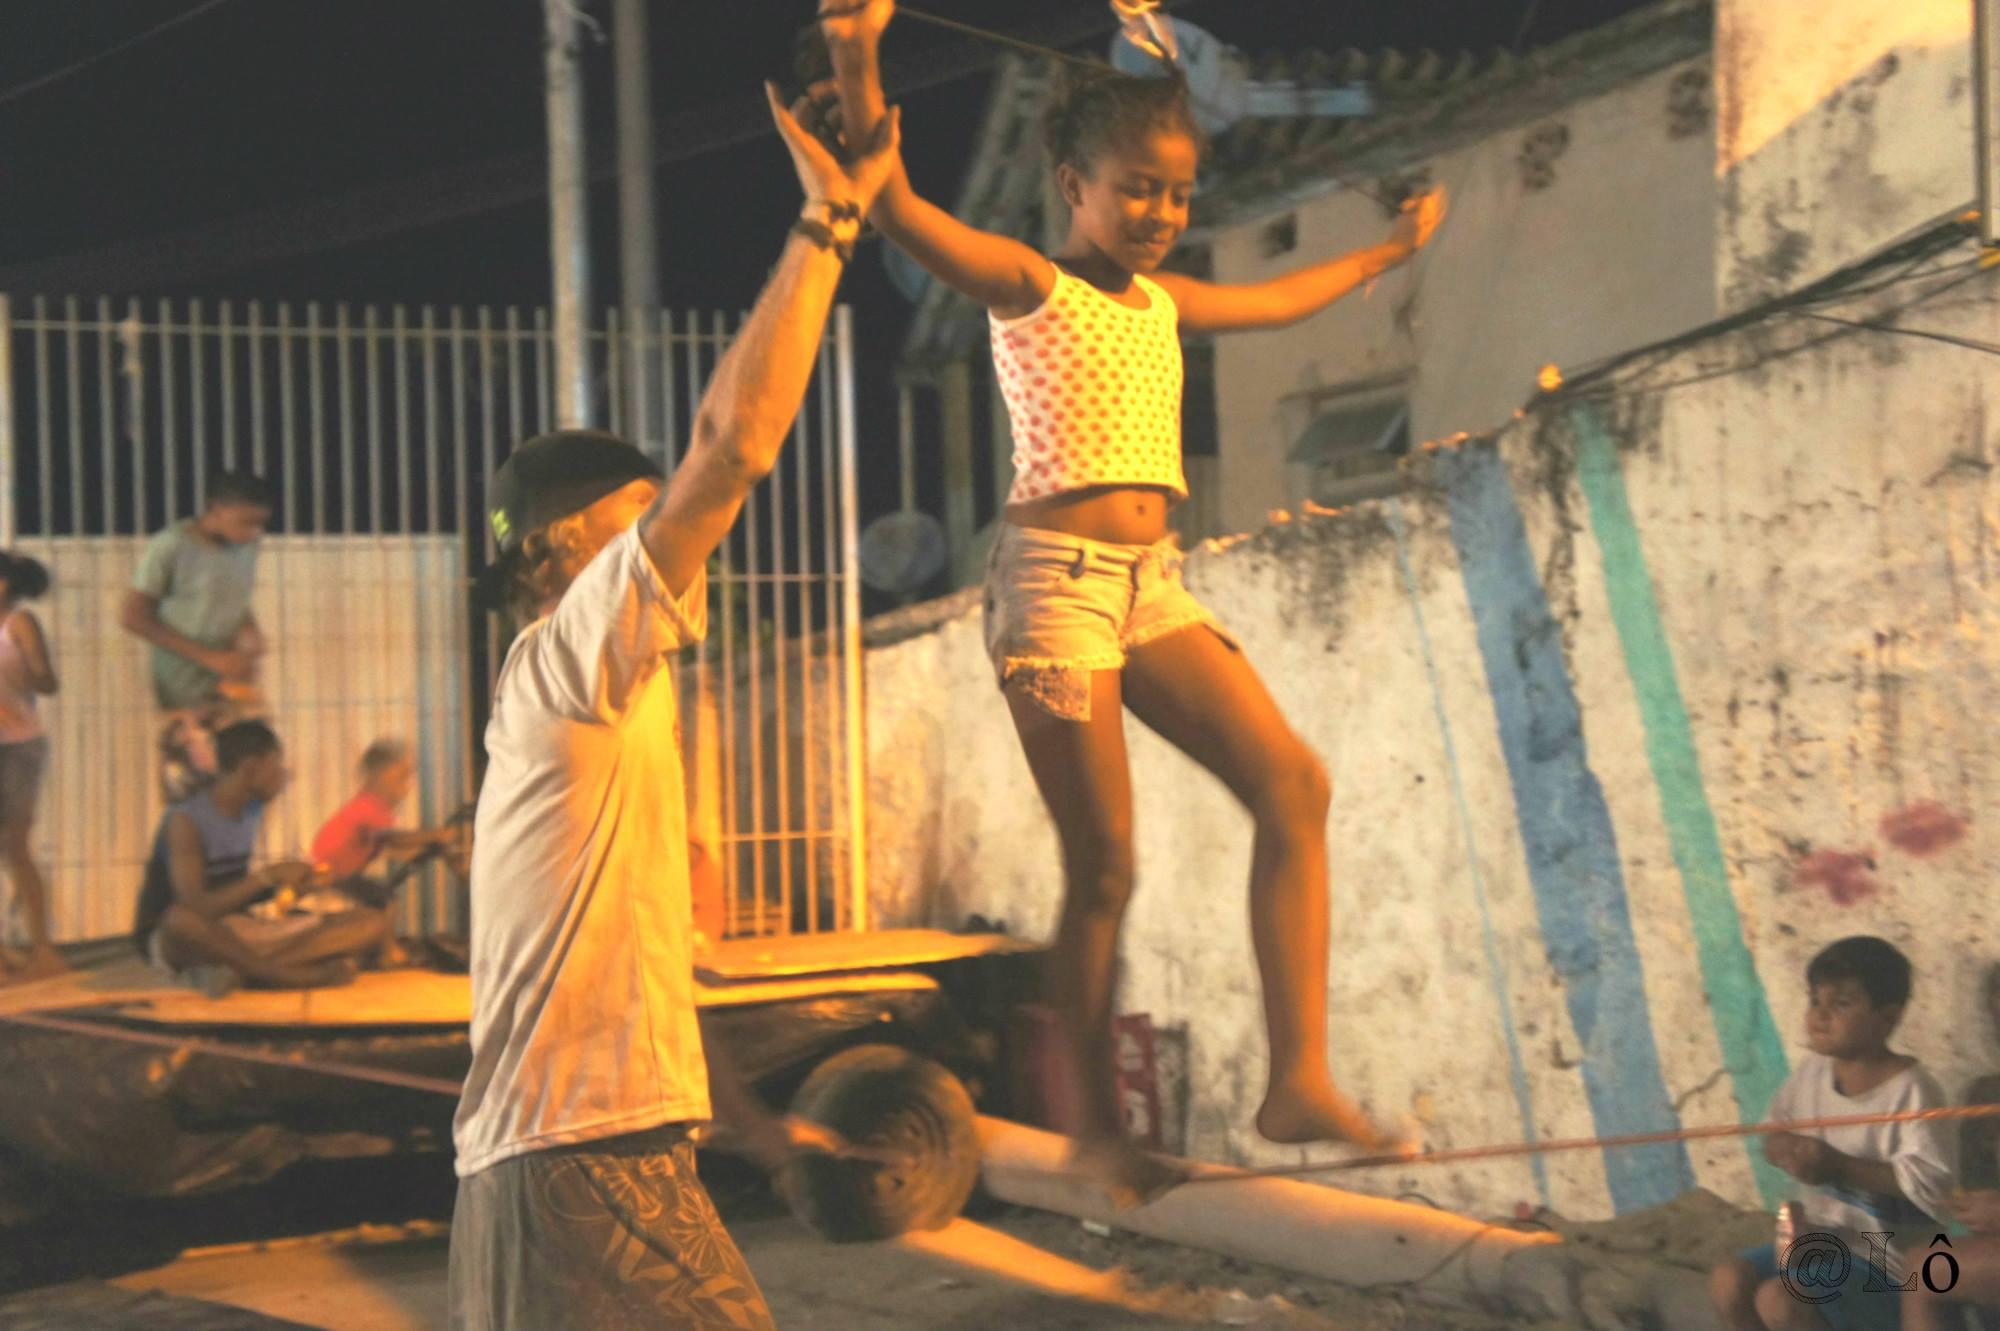 Children try the slackline activity. Photo: Lorraine Gaucher-Petitdemange